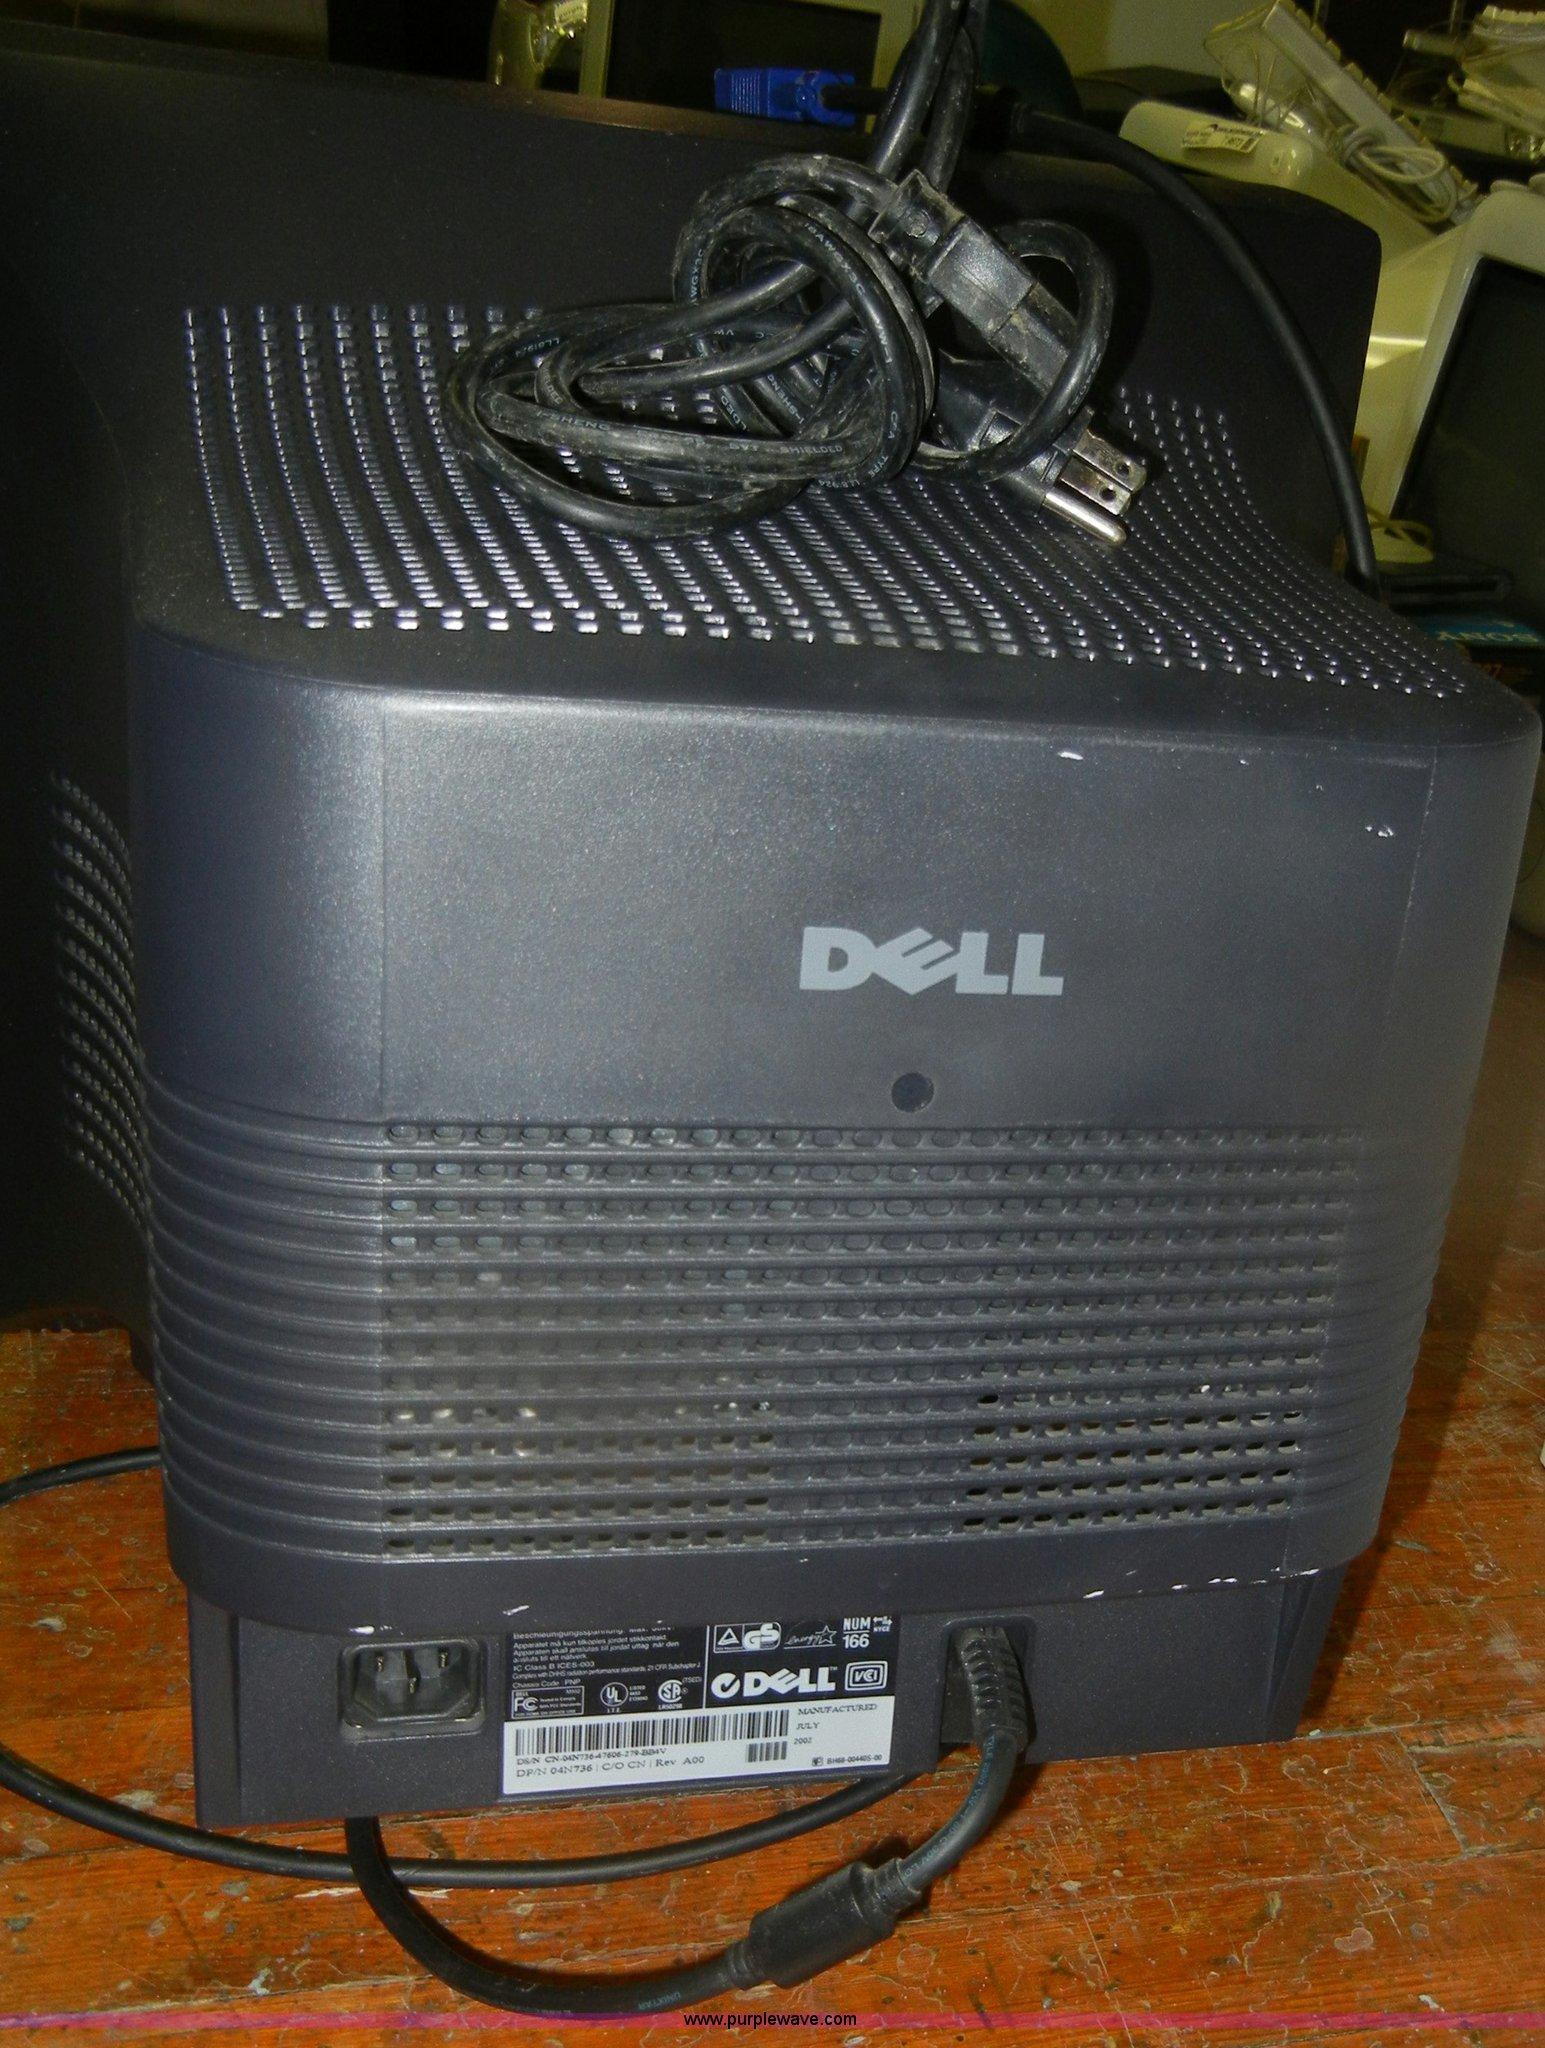 DELL M992 MONITOR WINDOWS 7 X64 TREIBER